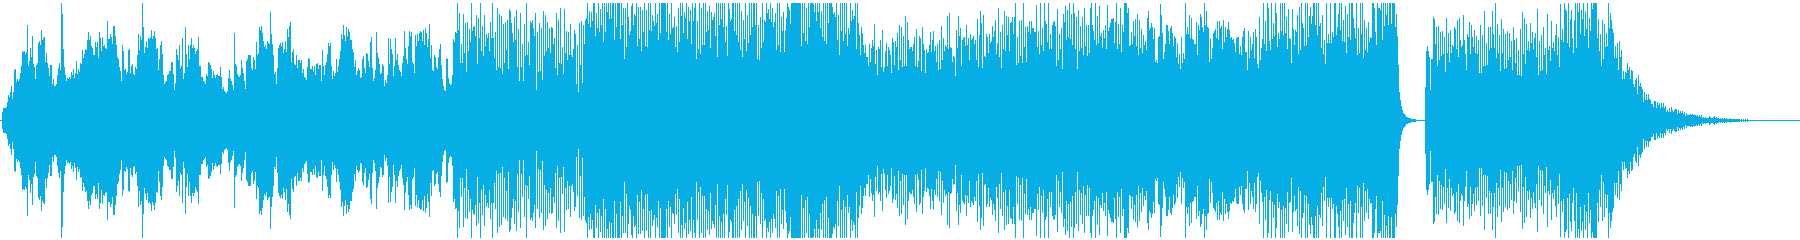 尺八使った和楽器ダンスミュージックの再生済みの波形